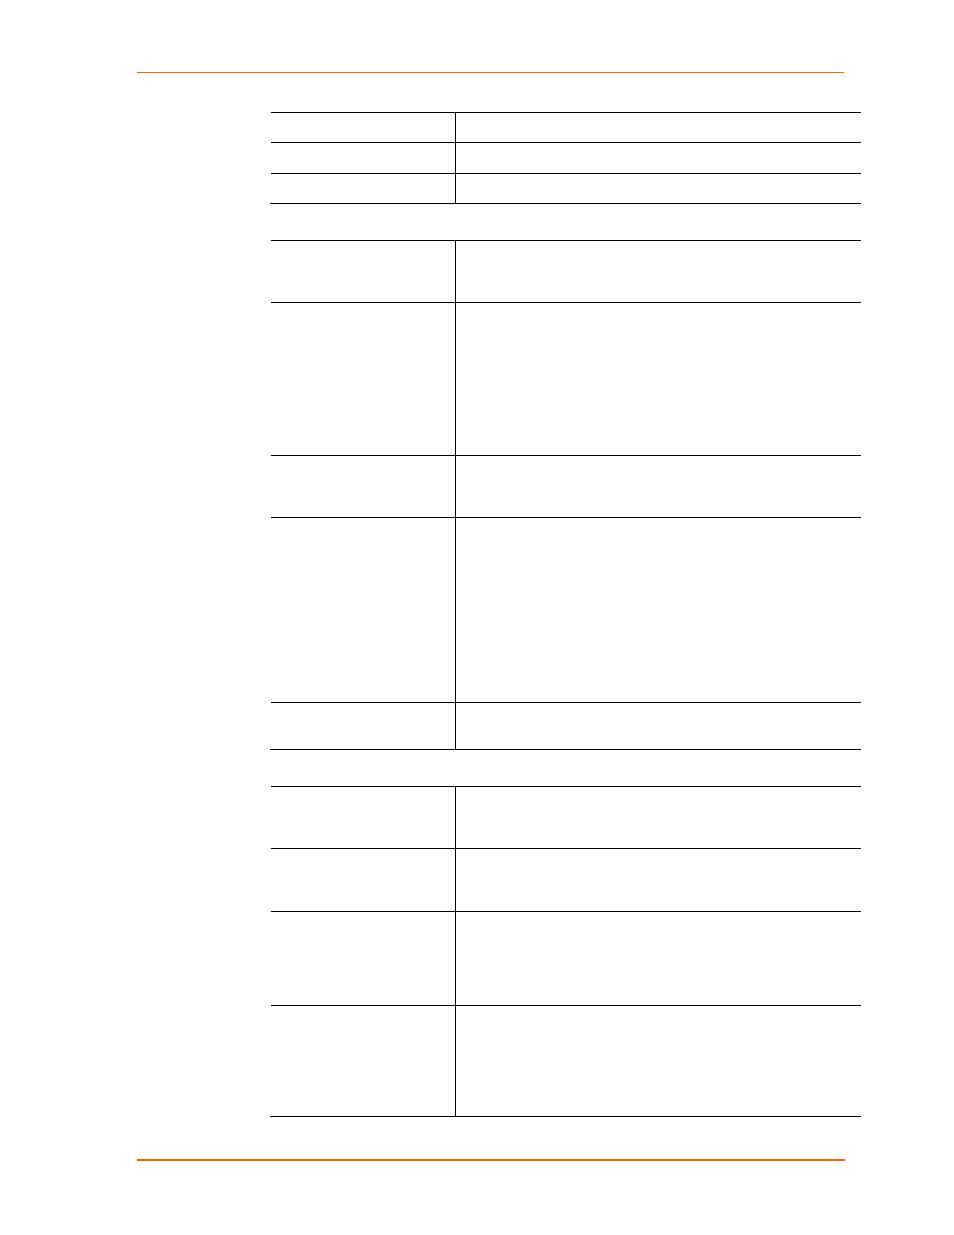 Lantronix UDS2100 User Manual | Page 32 / 83